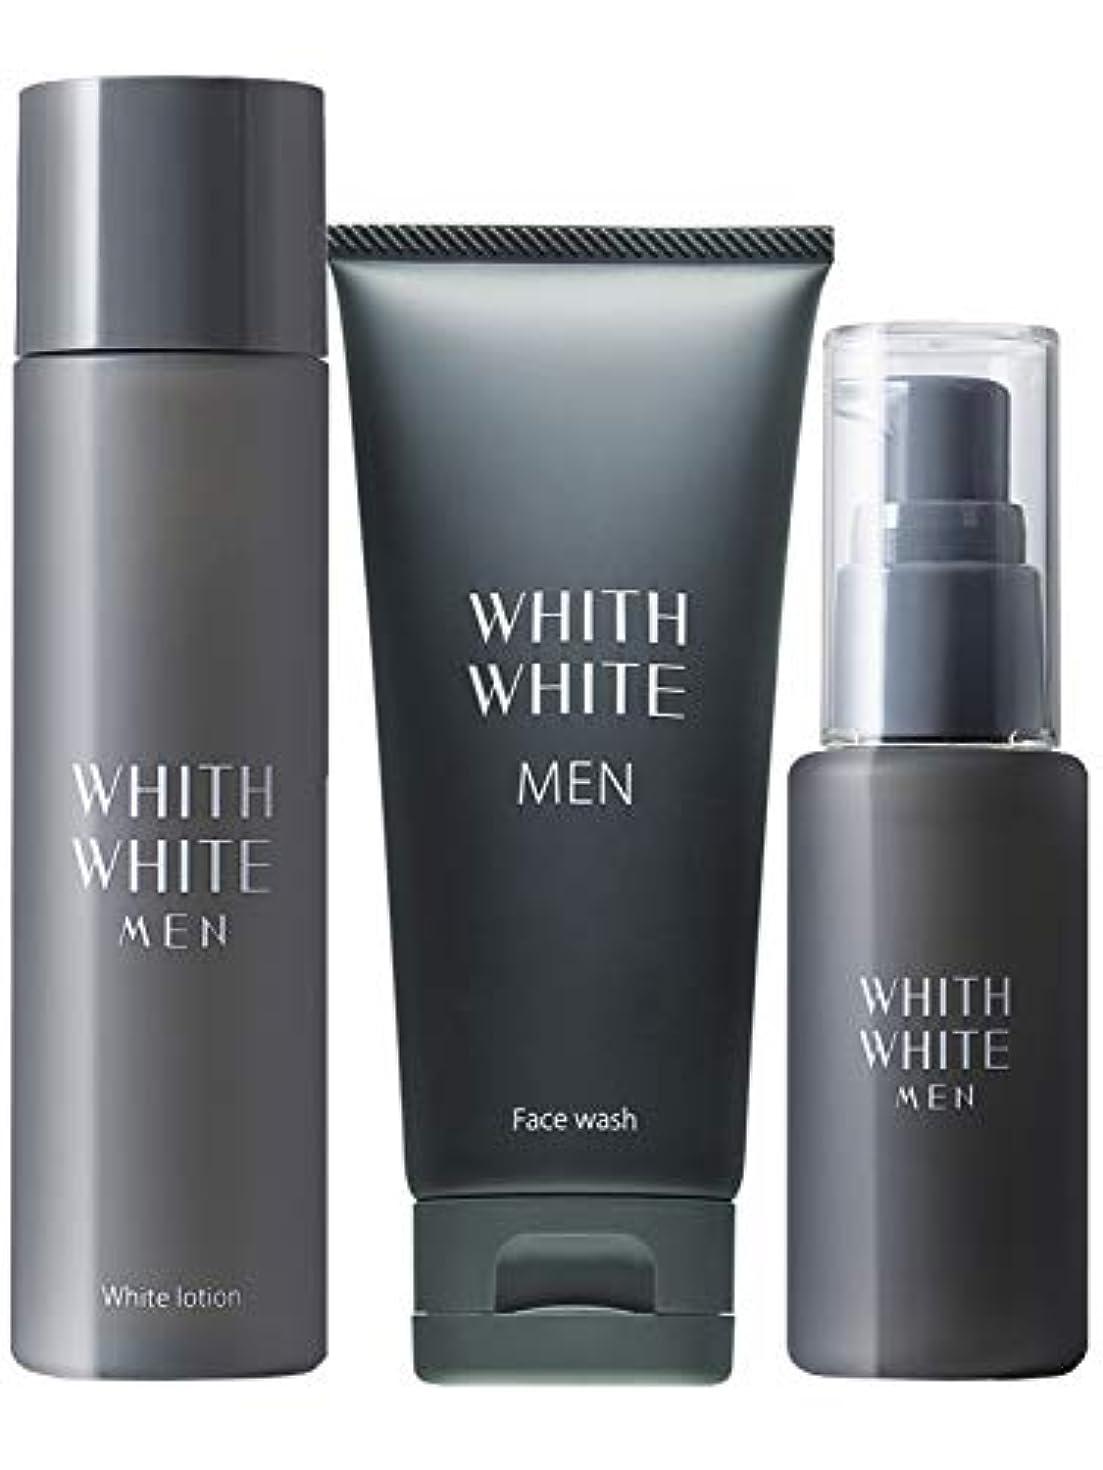 転倒二自然メンズ スキンケア セット 医薬部外品 洗顔 & 化粧水 & 美容液 フィス ホワイト 「30代~50代の 男性 専用」「 男 の しみ くすみ 完全対策 」( 男性用 化粧品 ) 95g & 120ml & 50ml